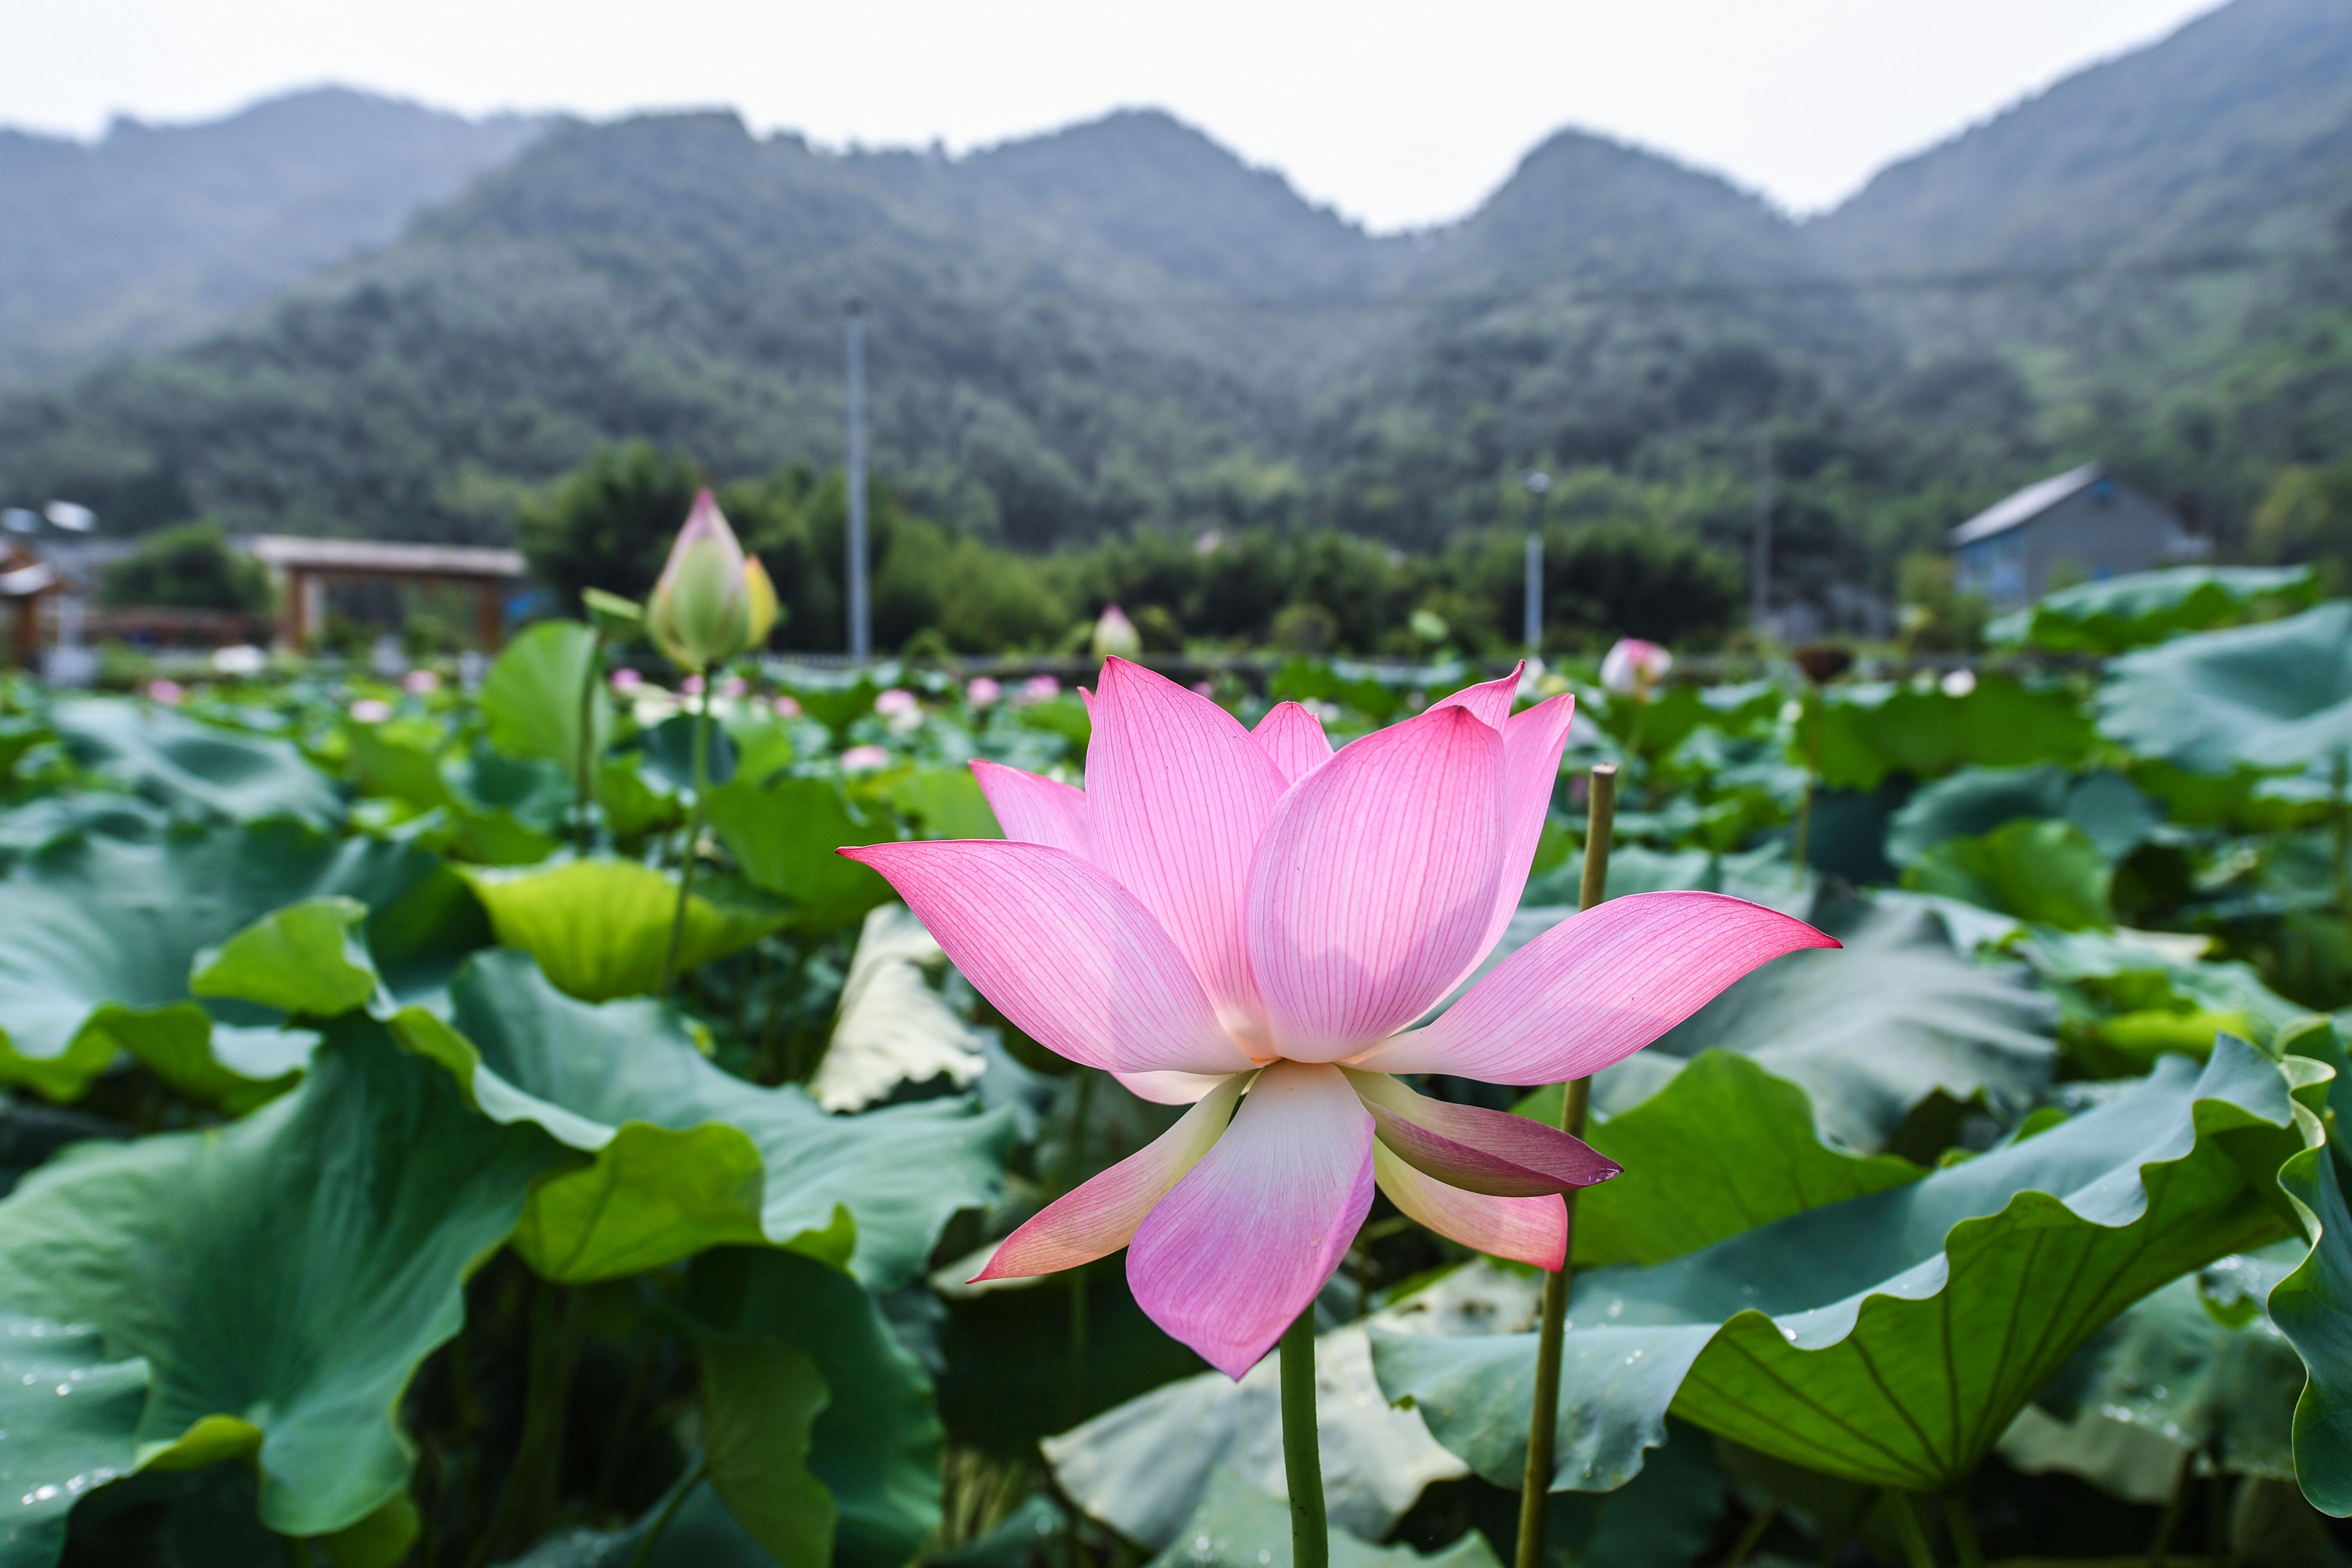 杭州临安:土地流转打造生态荷花园